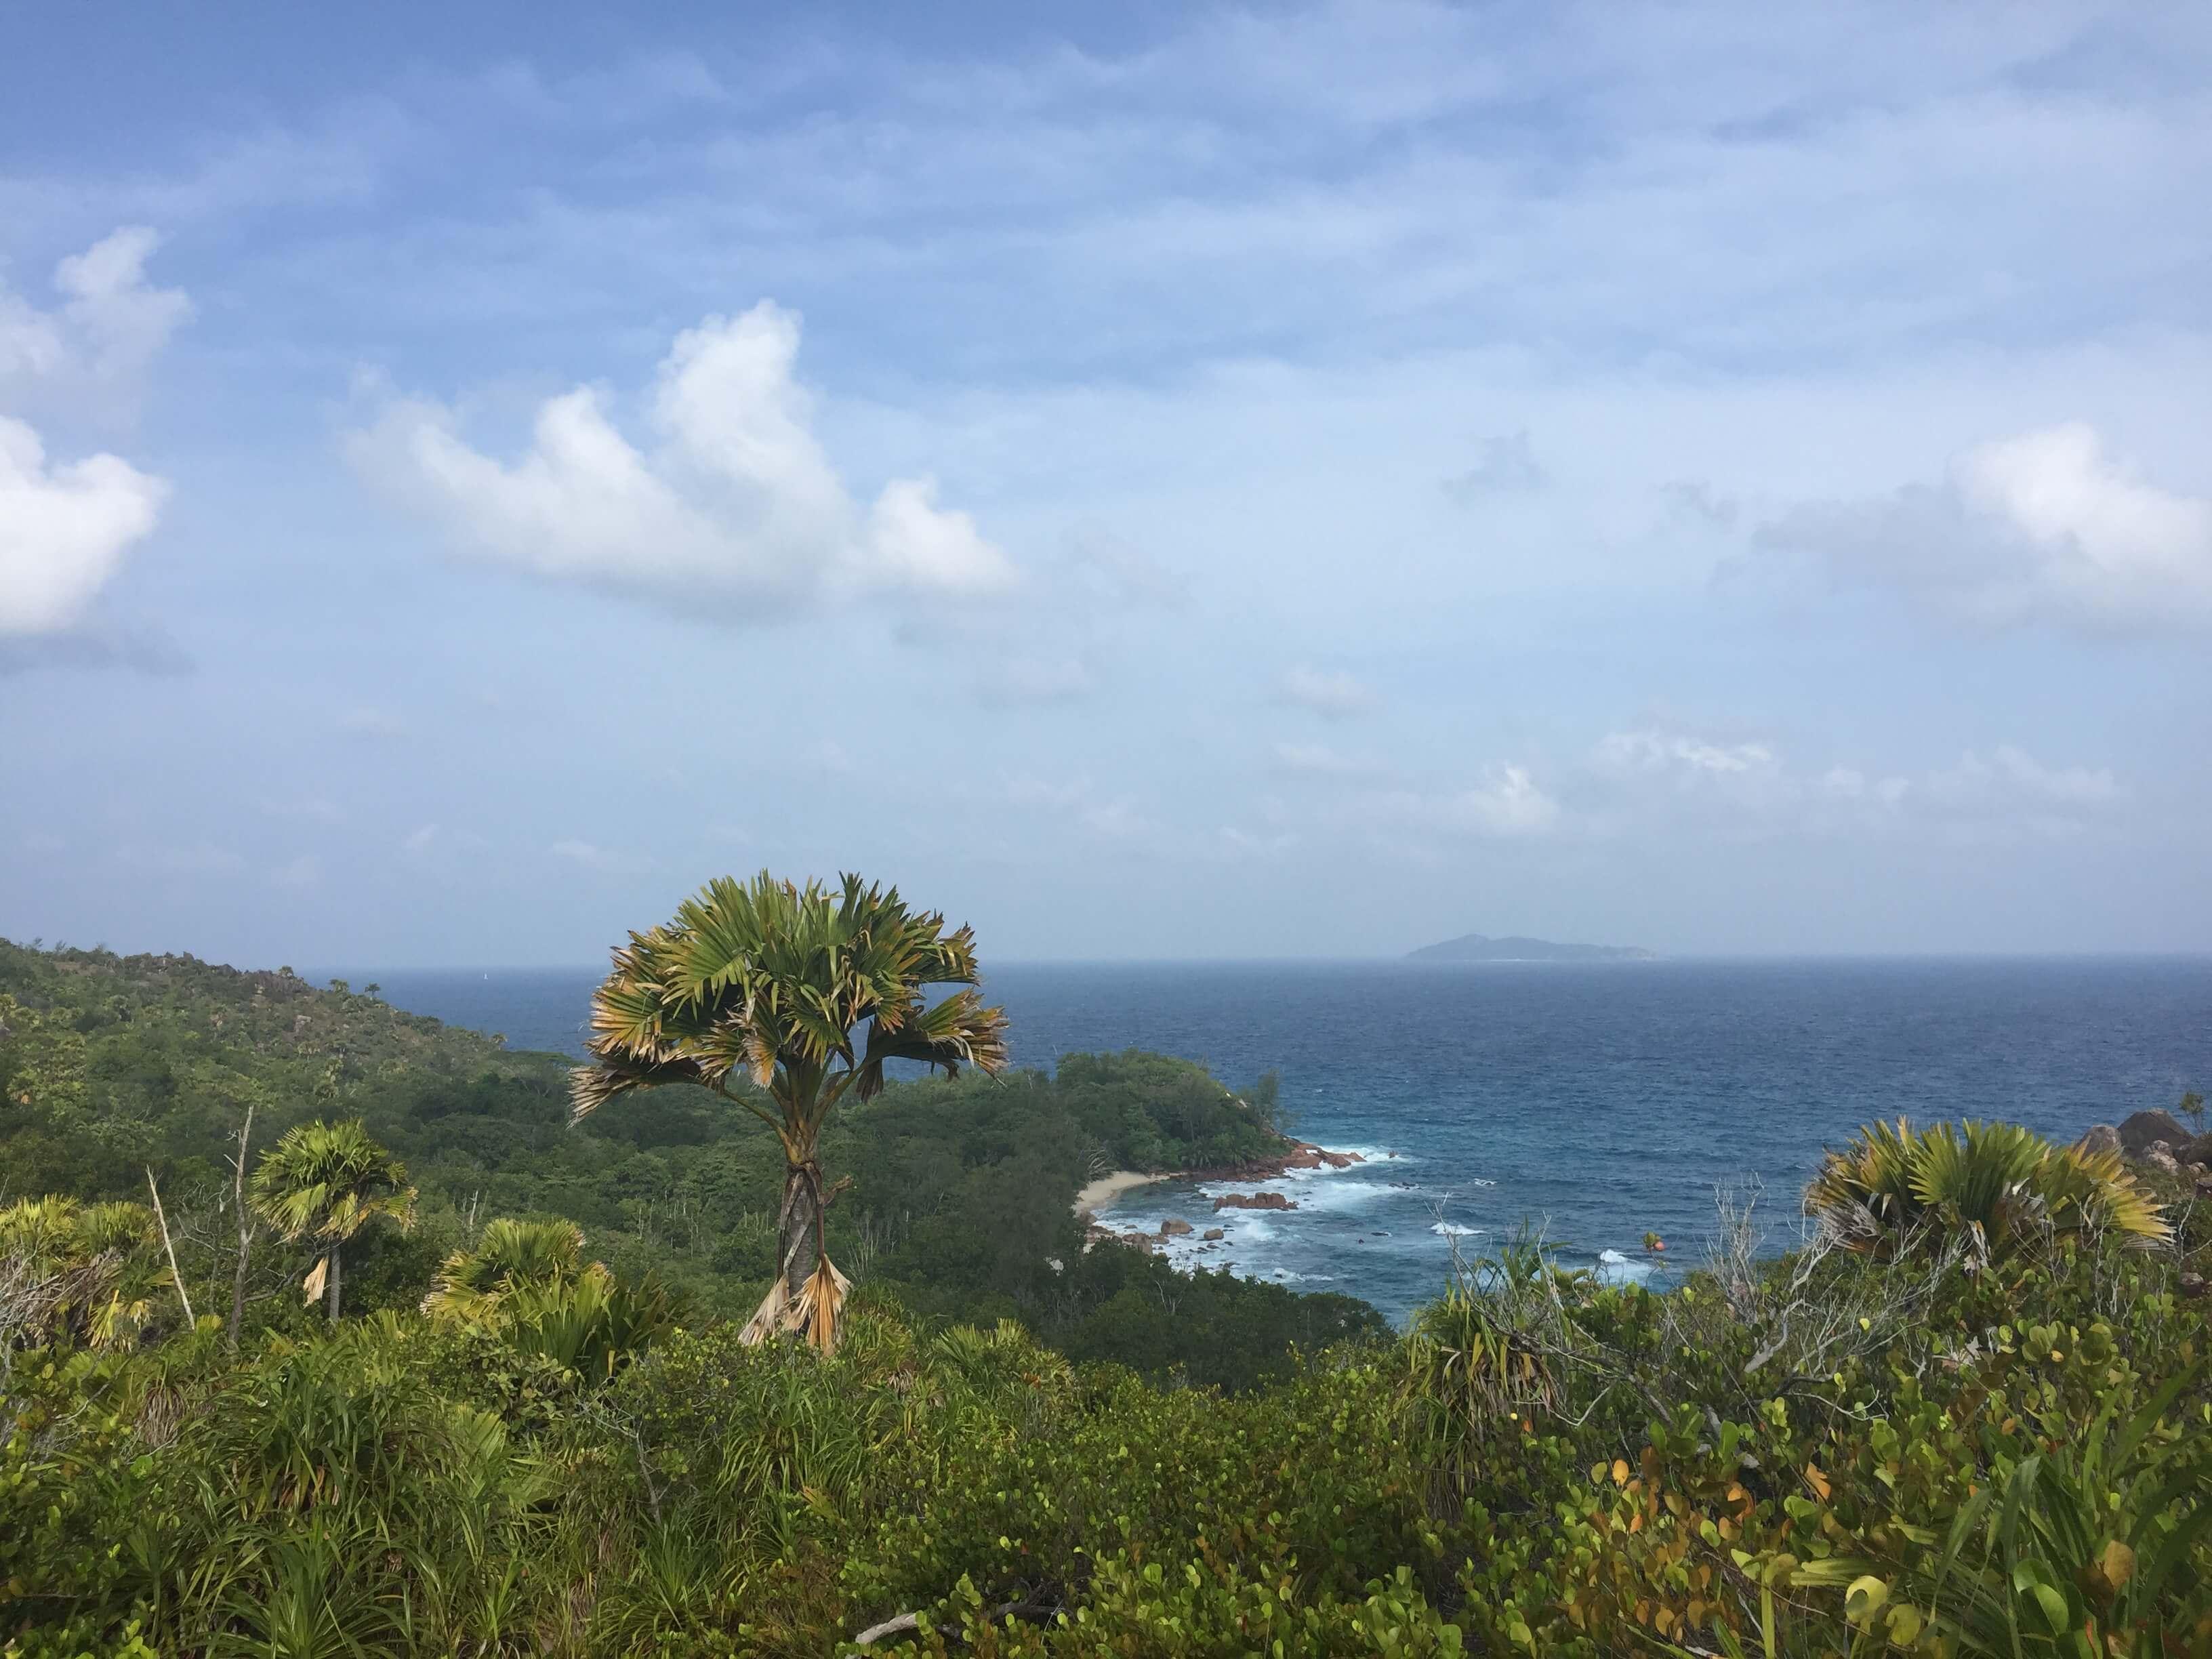 Überblick auf Wald und Meer auf den Seychellen